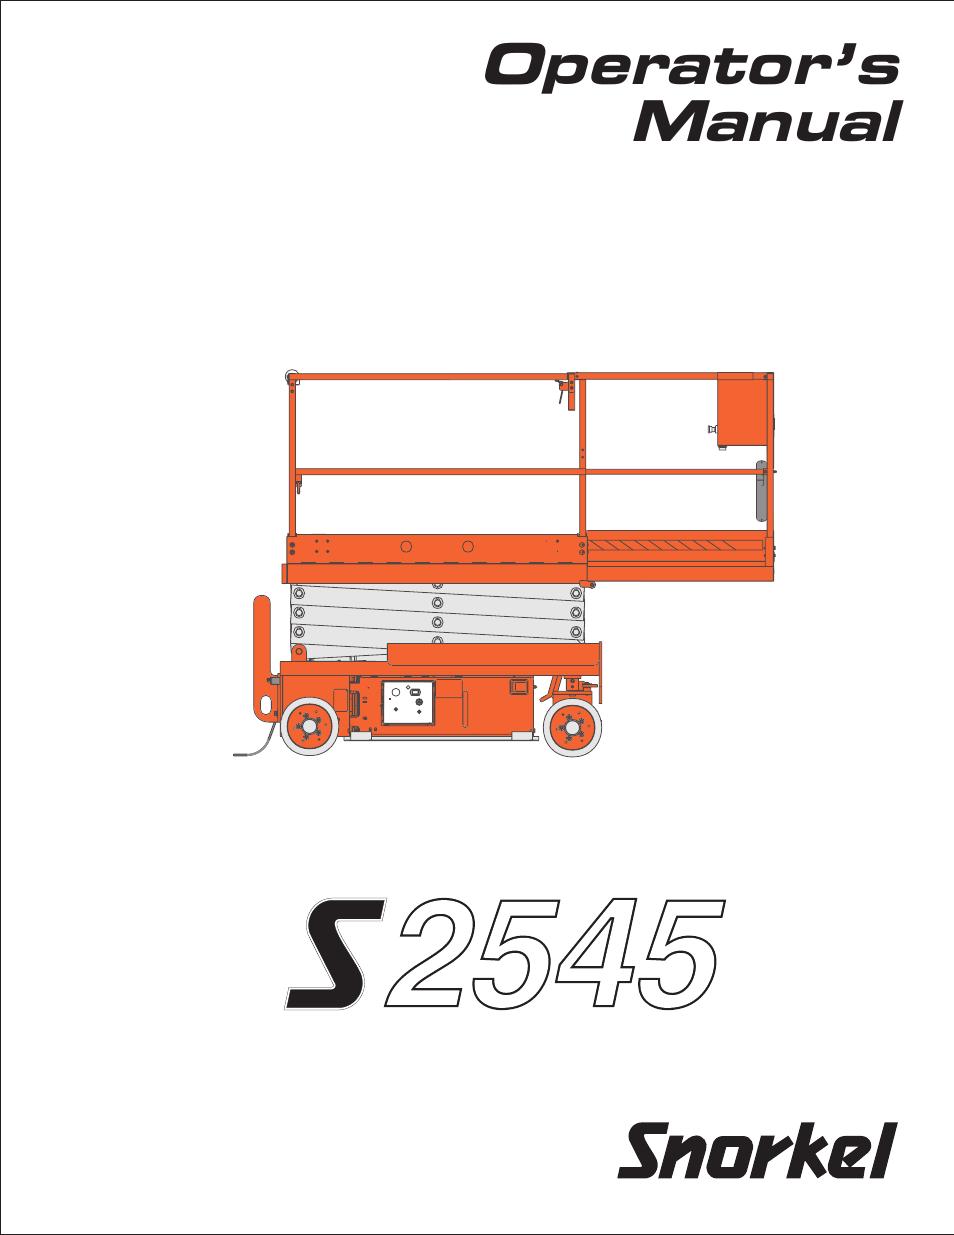 2015 Mt55 Freightliner Electrical Schematic - Wiring Diagrams Schematics